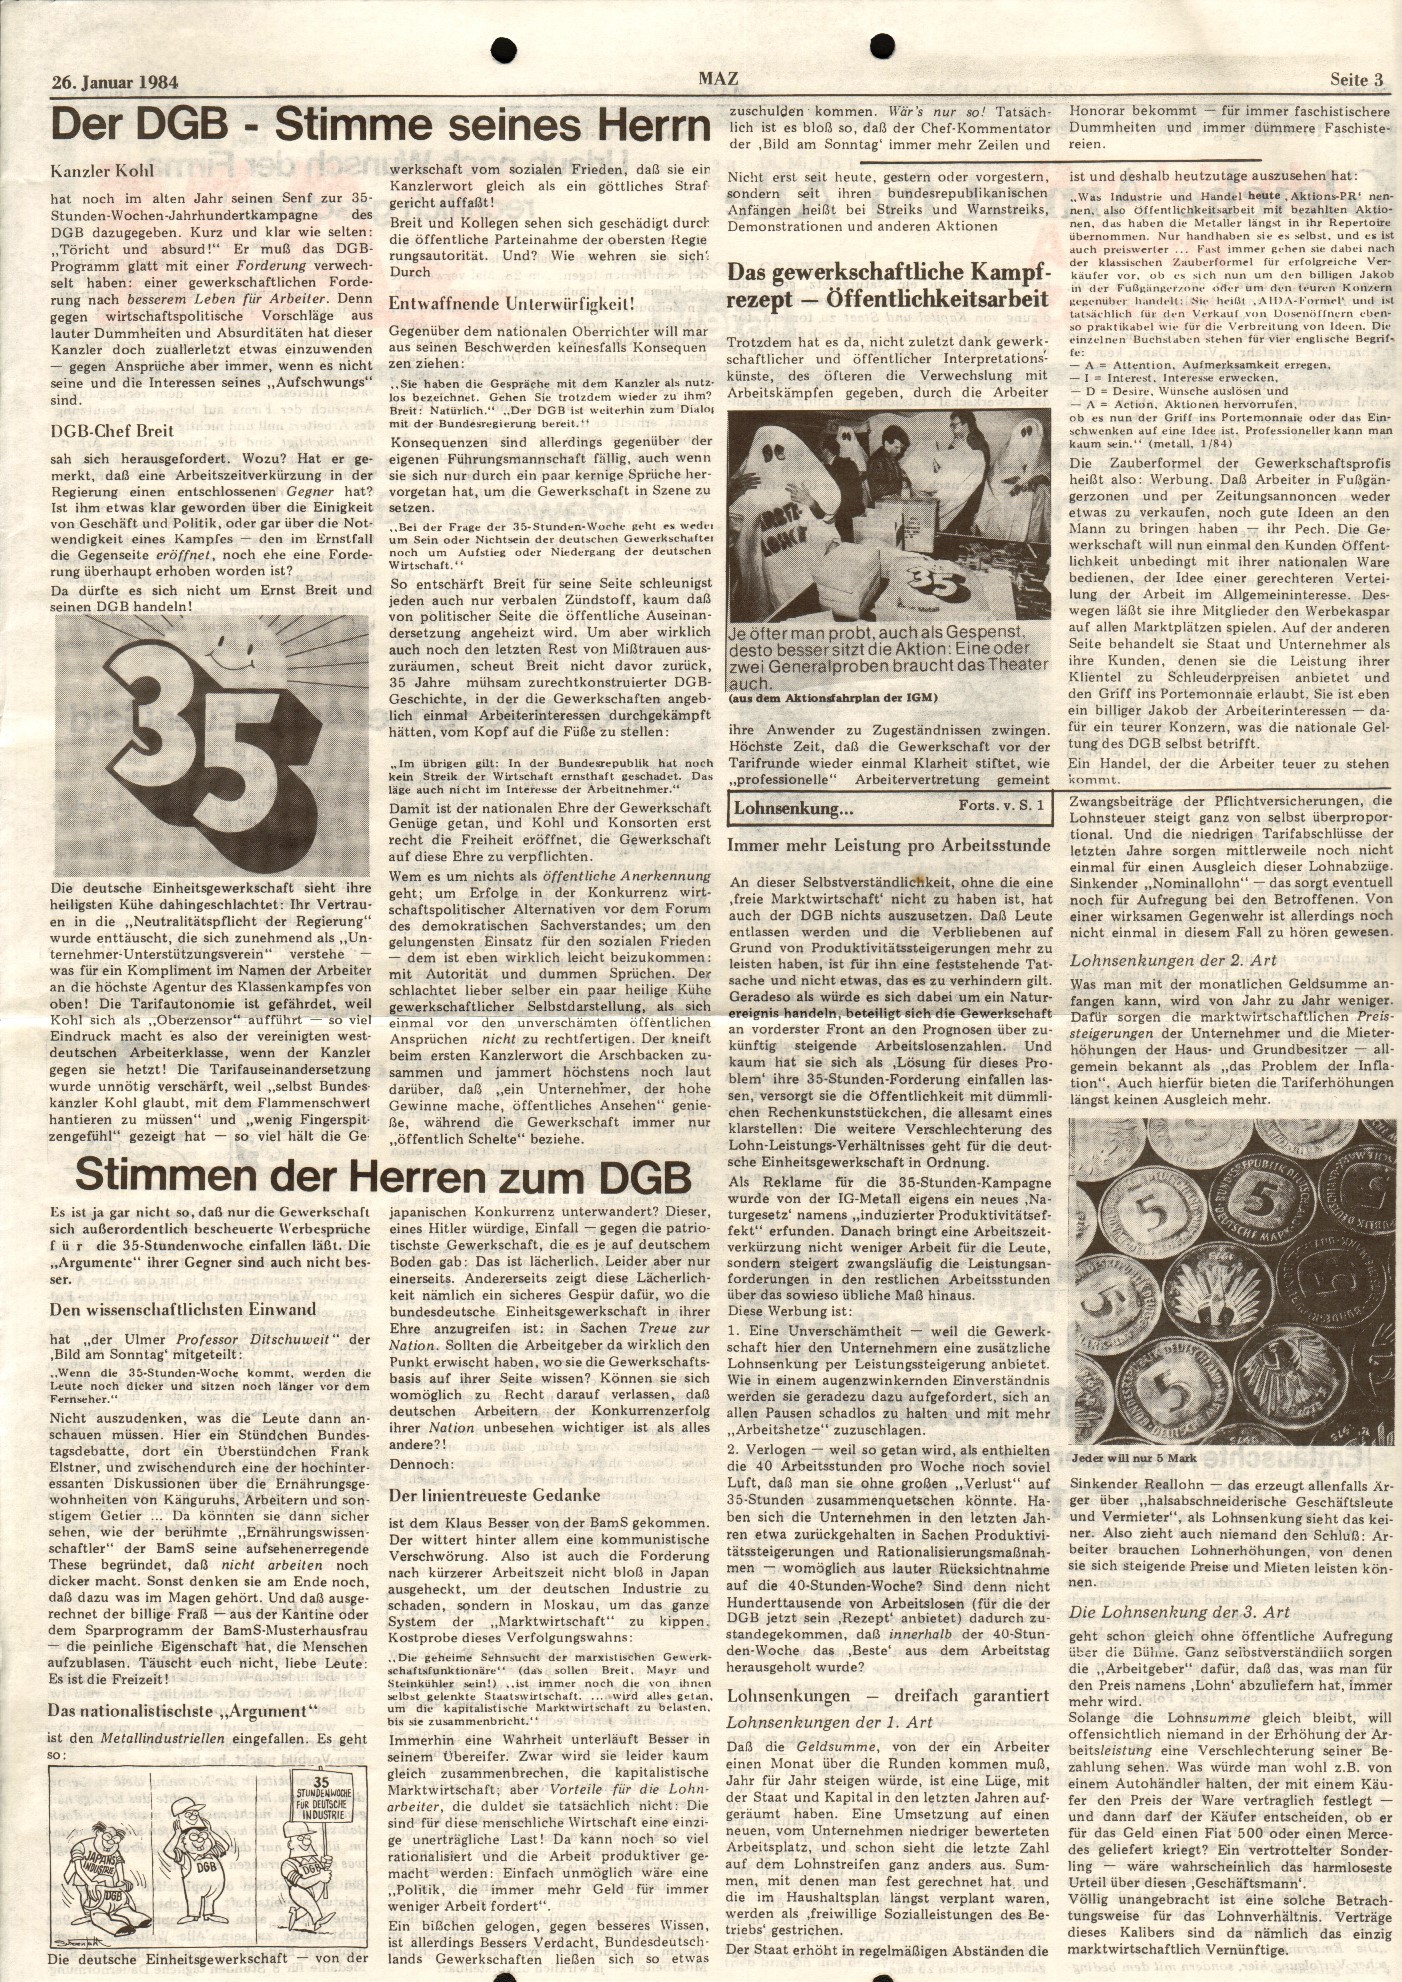 Ruhrgebiet_MG_Marxistische_Arbeiterzeitung_Metall_19840126_03